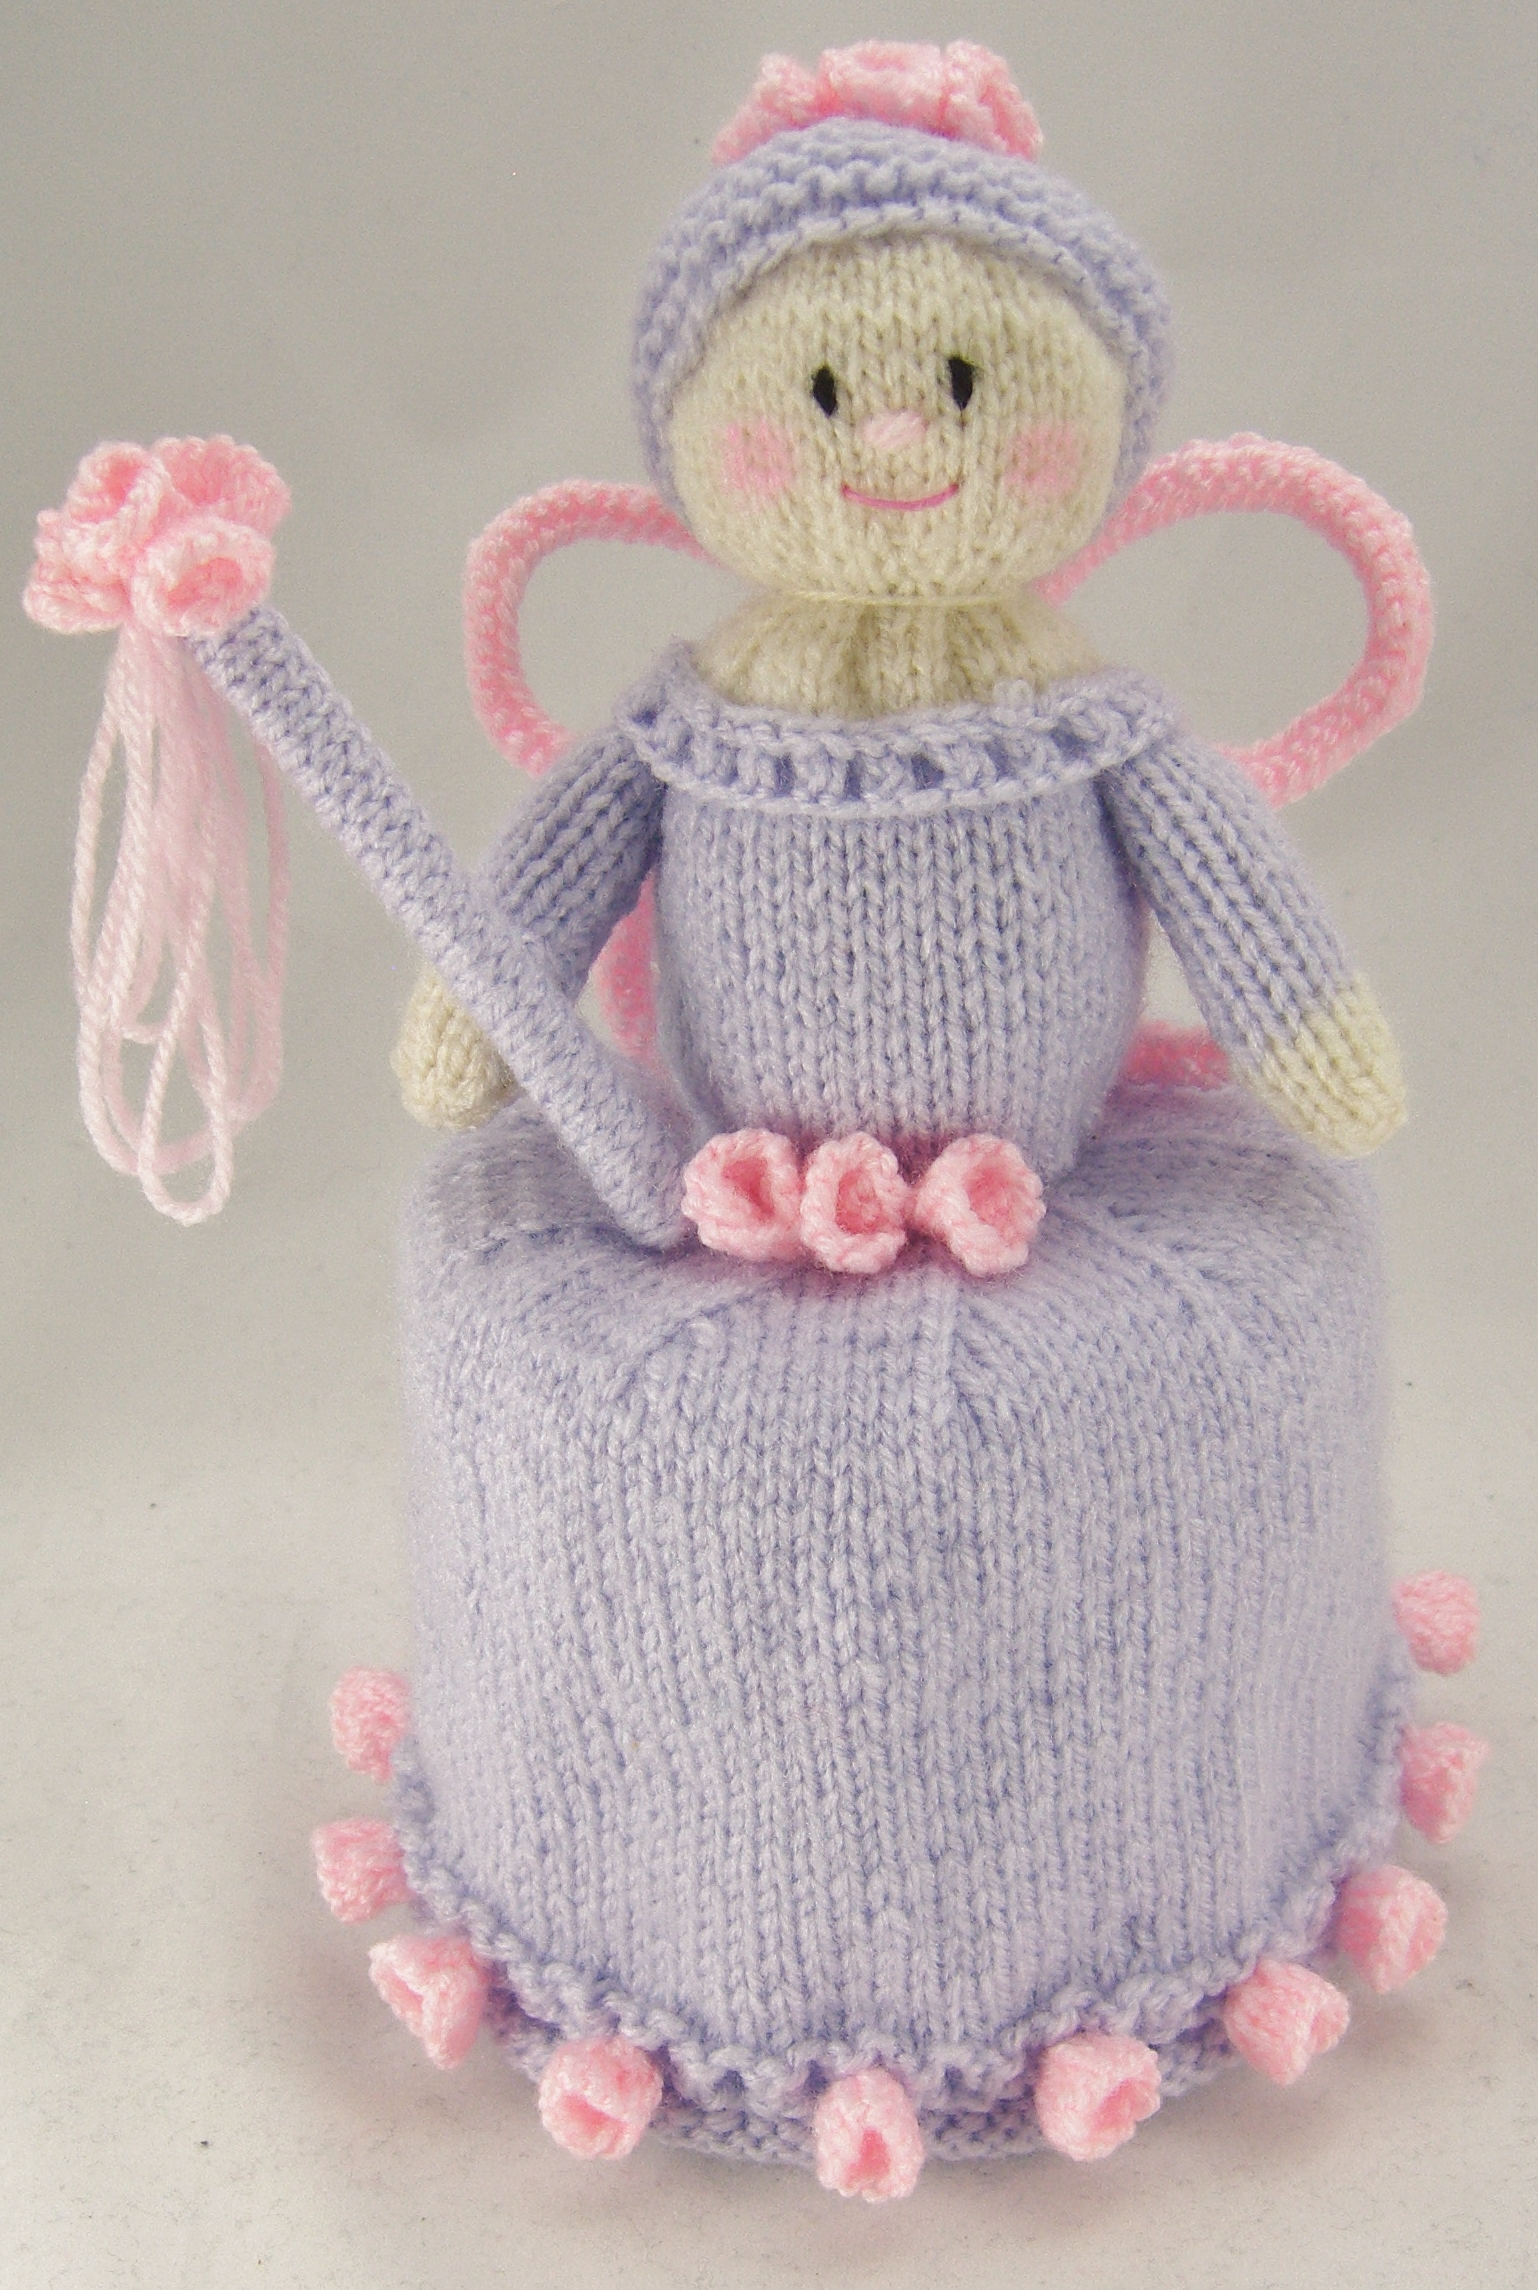 Flower Fairy Toilet Roll Holder Knitting Pattern   Knitting by Post